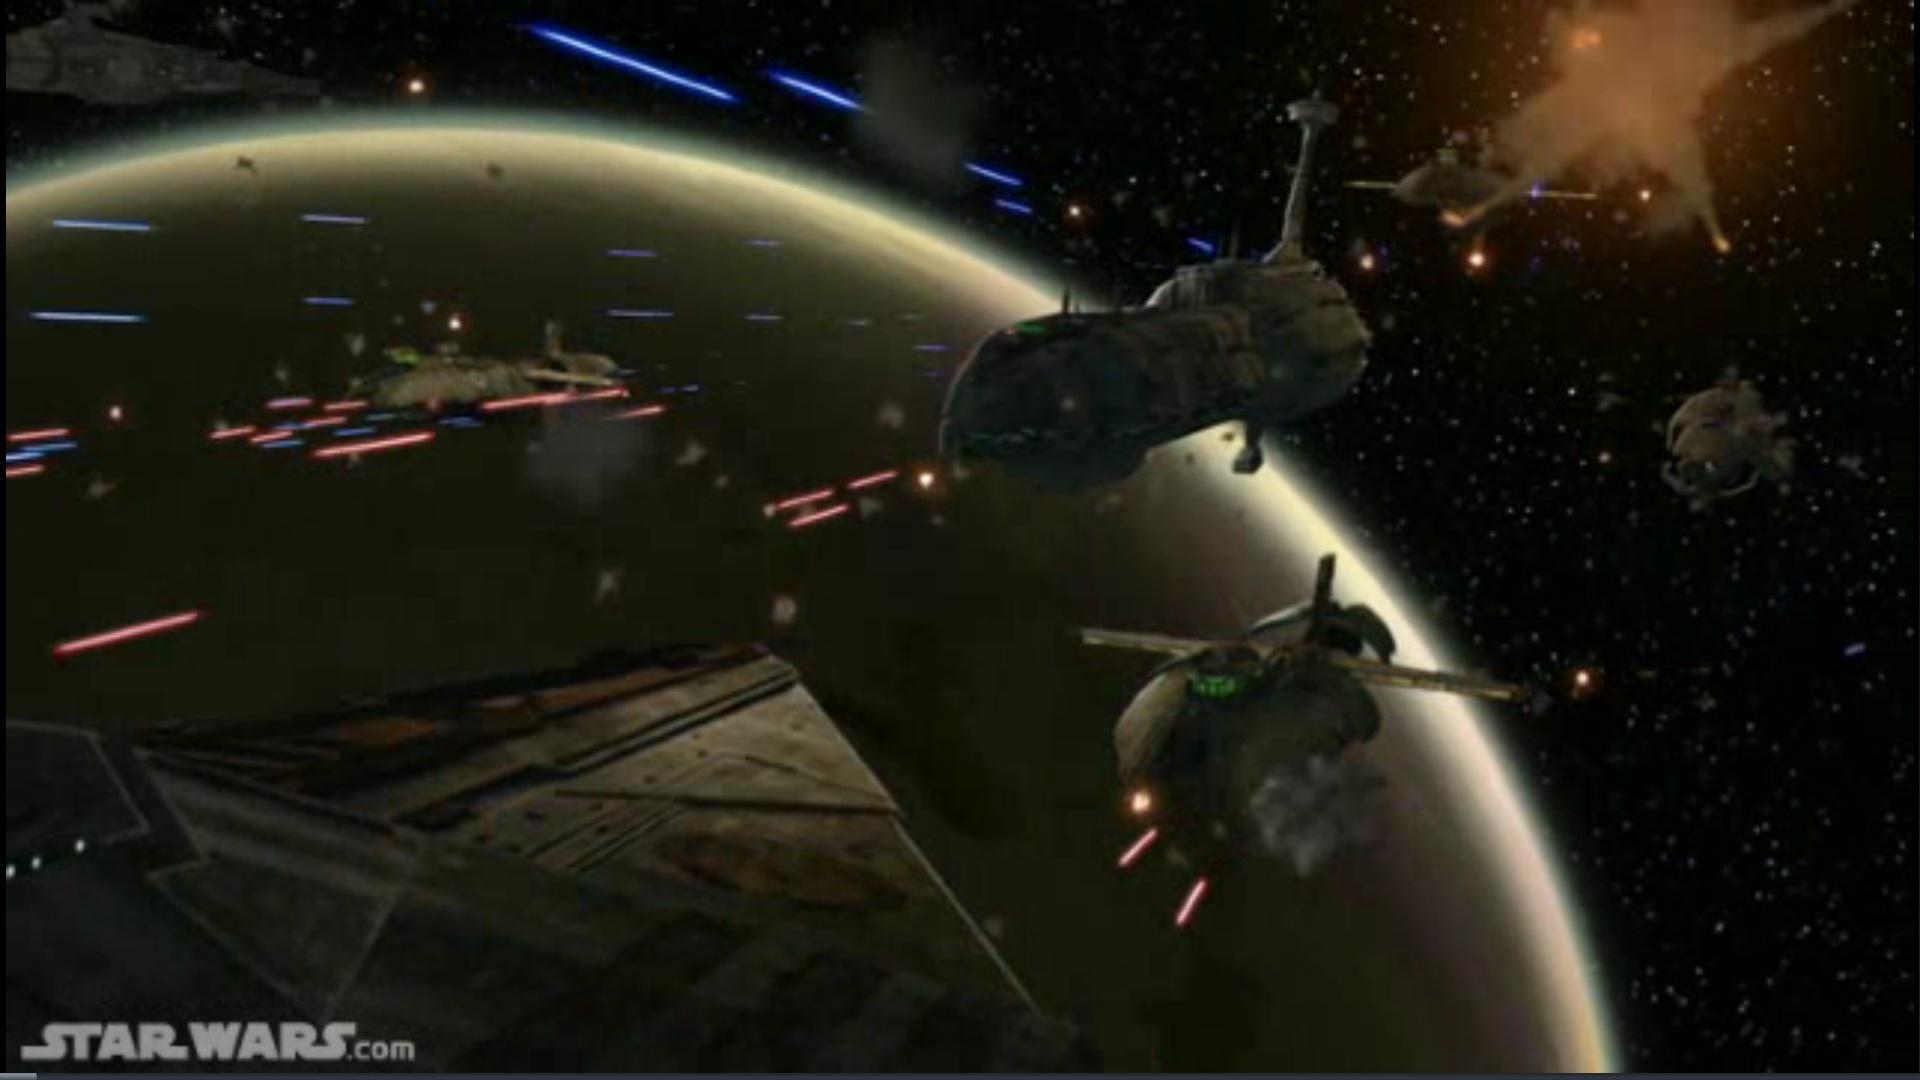 Star Wars Space Battle Clone Wars Progtraining